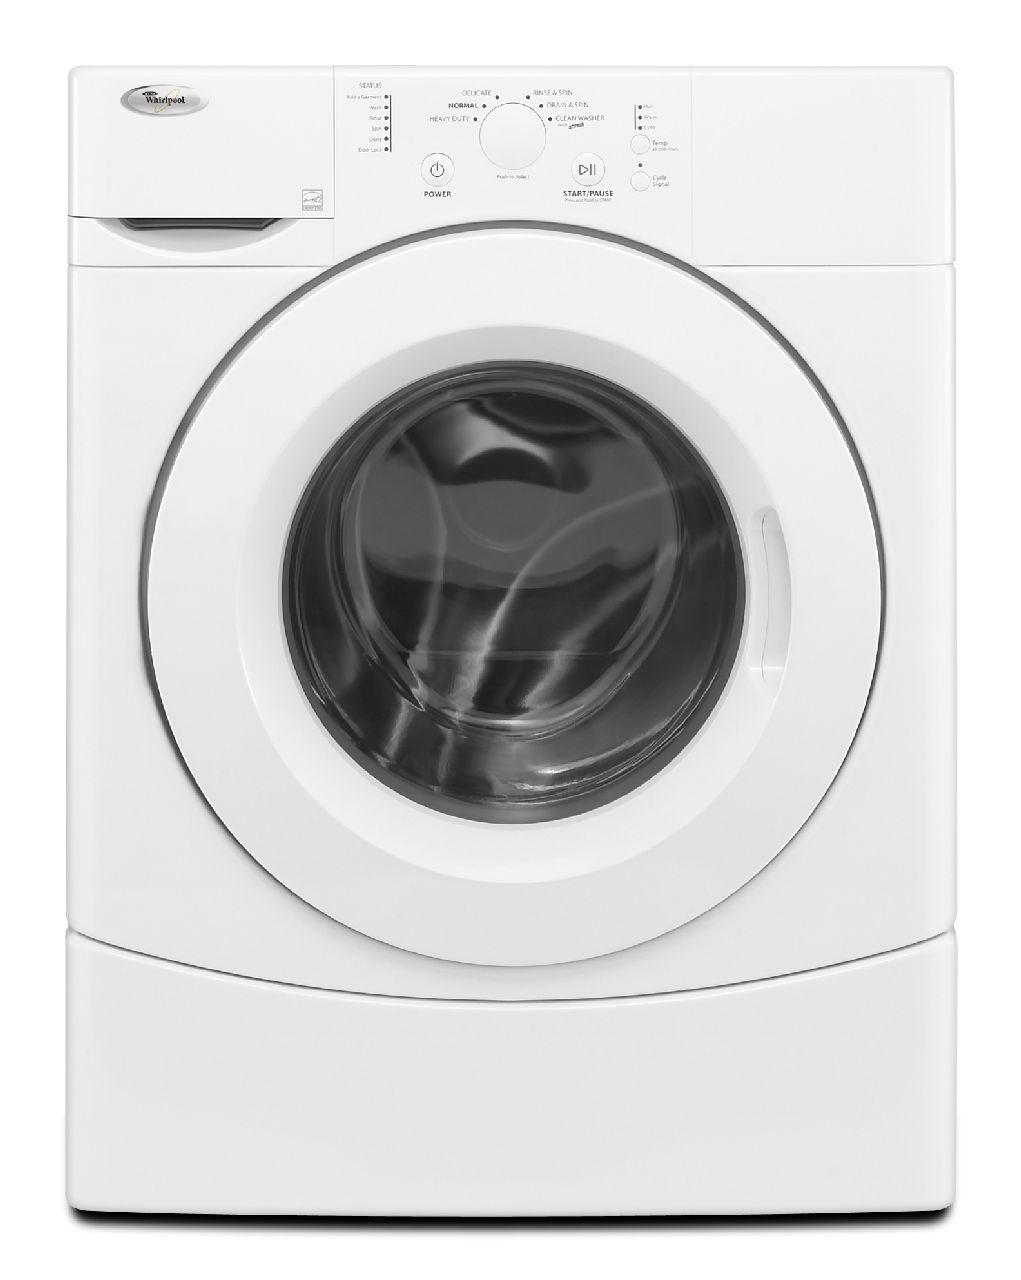 Whirlpool Washing Machine: Model WFW9050XW00 Parts & Repair